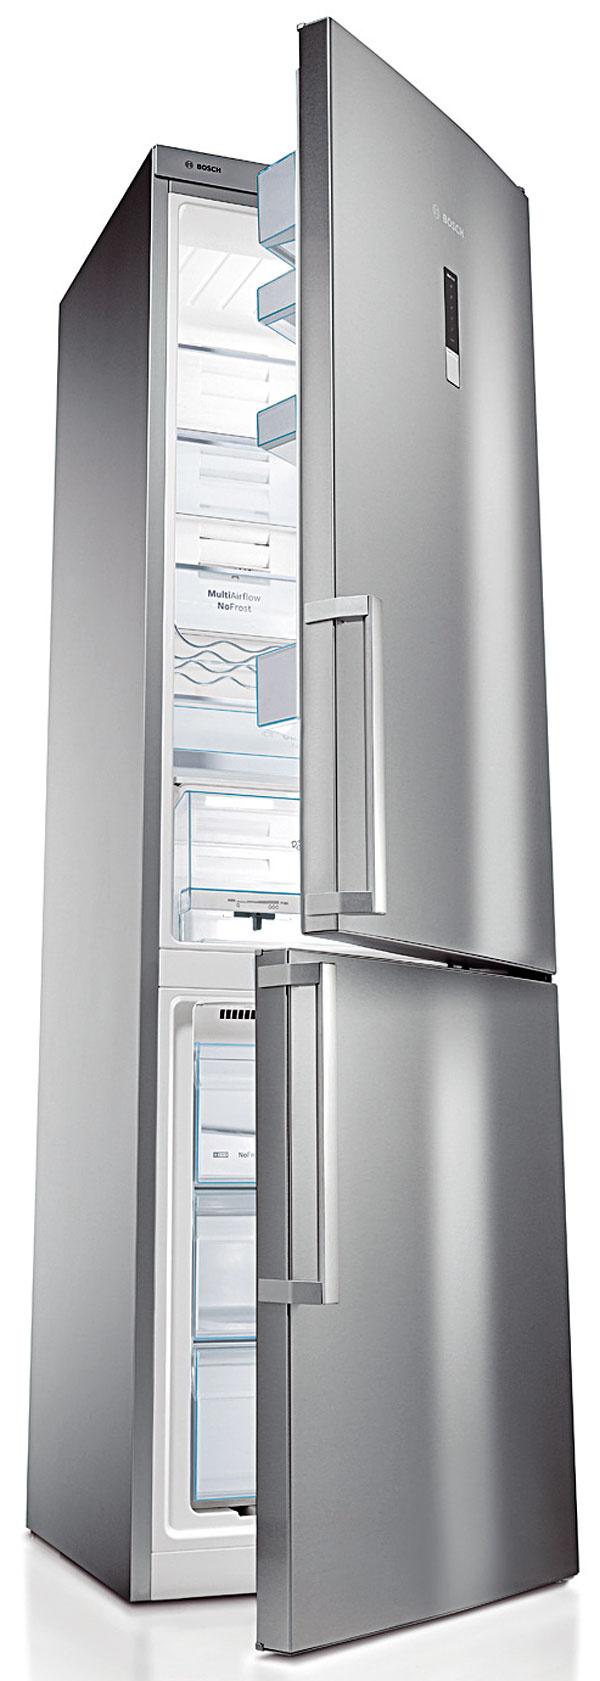 Bosch KGN 39XI40 energetická trieda A+++, spotreba 179 kWh/rok, objem 269/86 l, oddelené regulovanie teploty vchladiacej amraziacej časti, NoFrost, AntiBacteria, hlučnosť 39 dB, 60 × 201 cm, 1 399 €